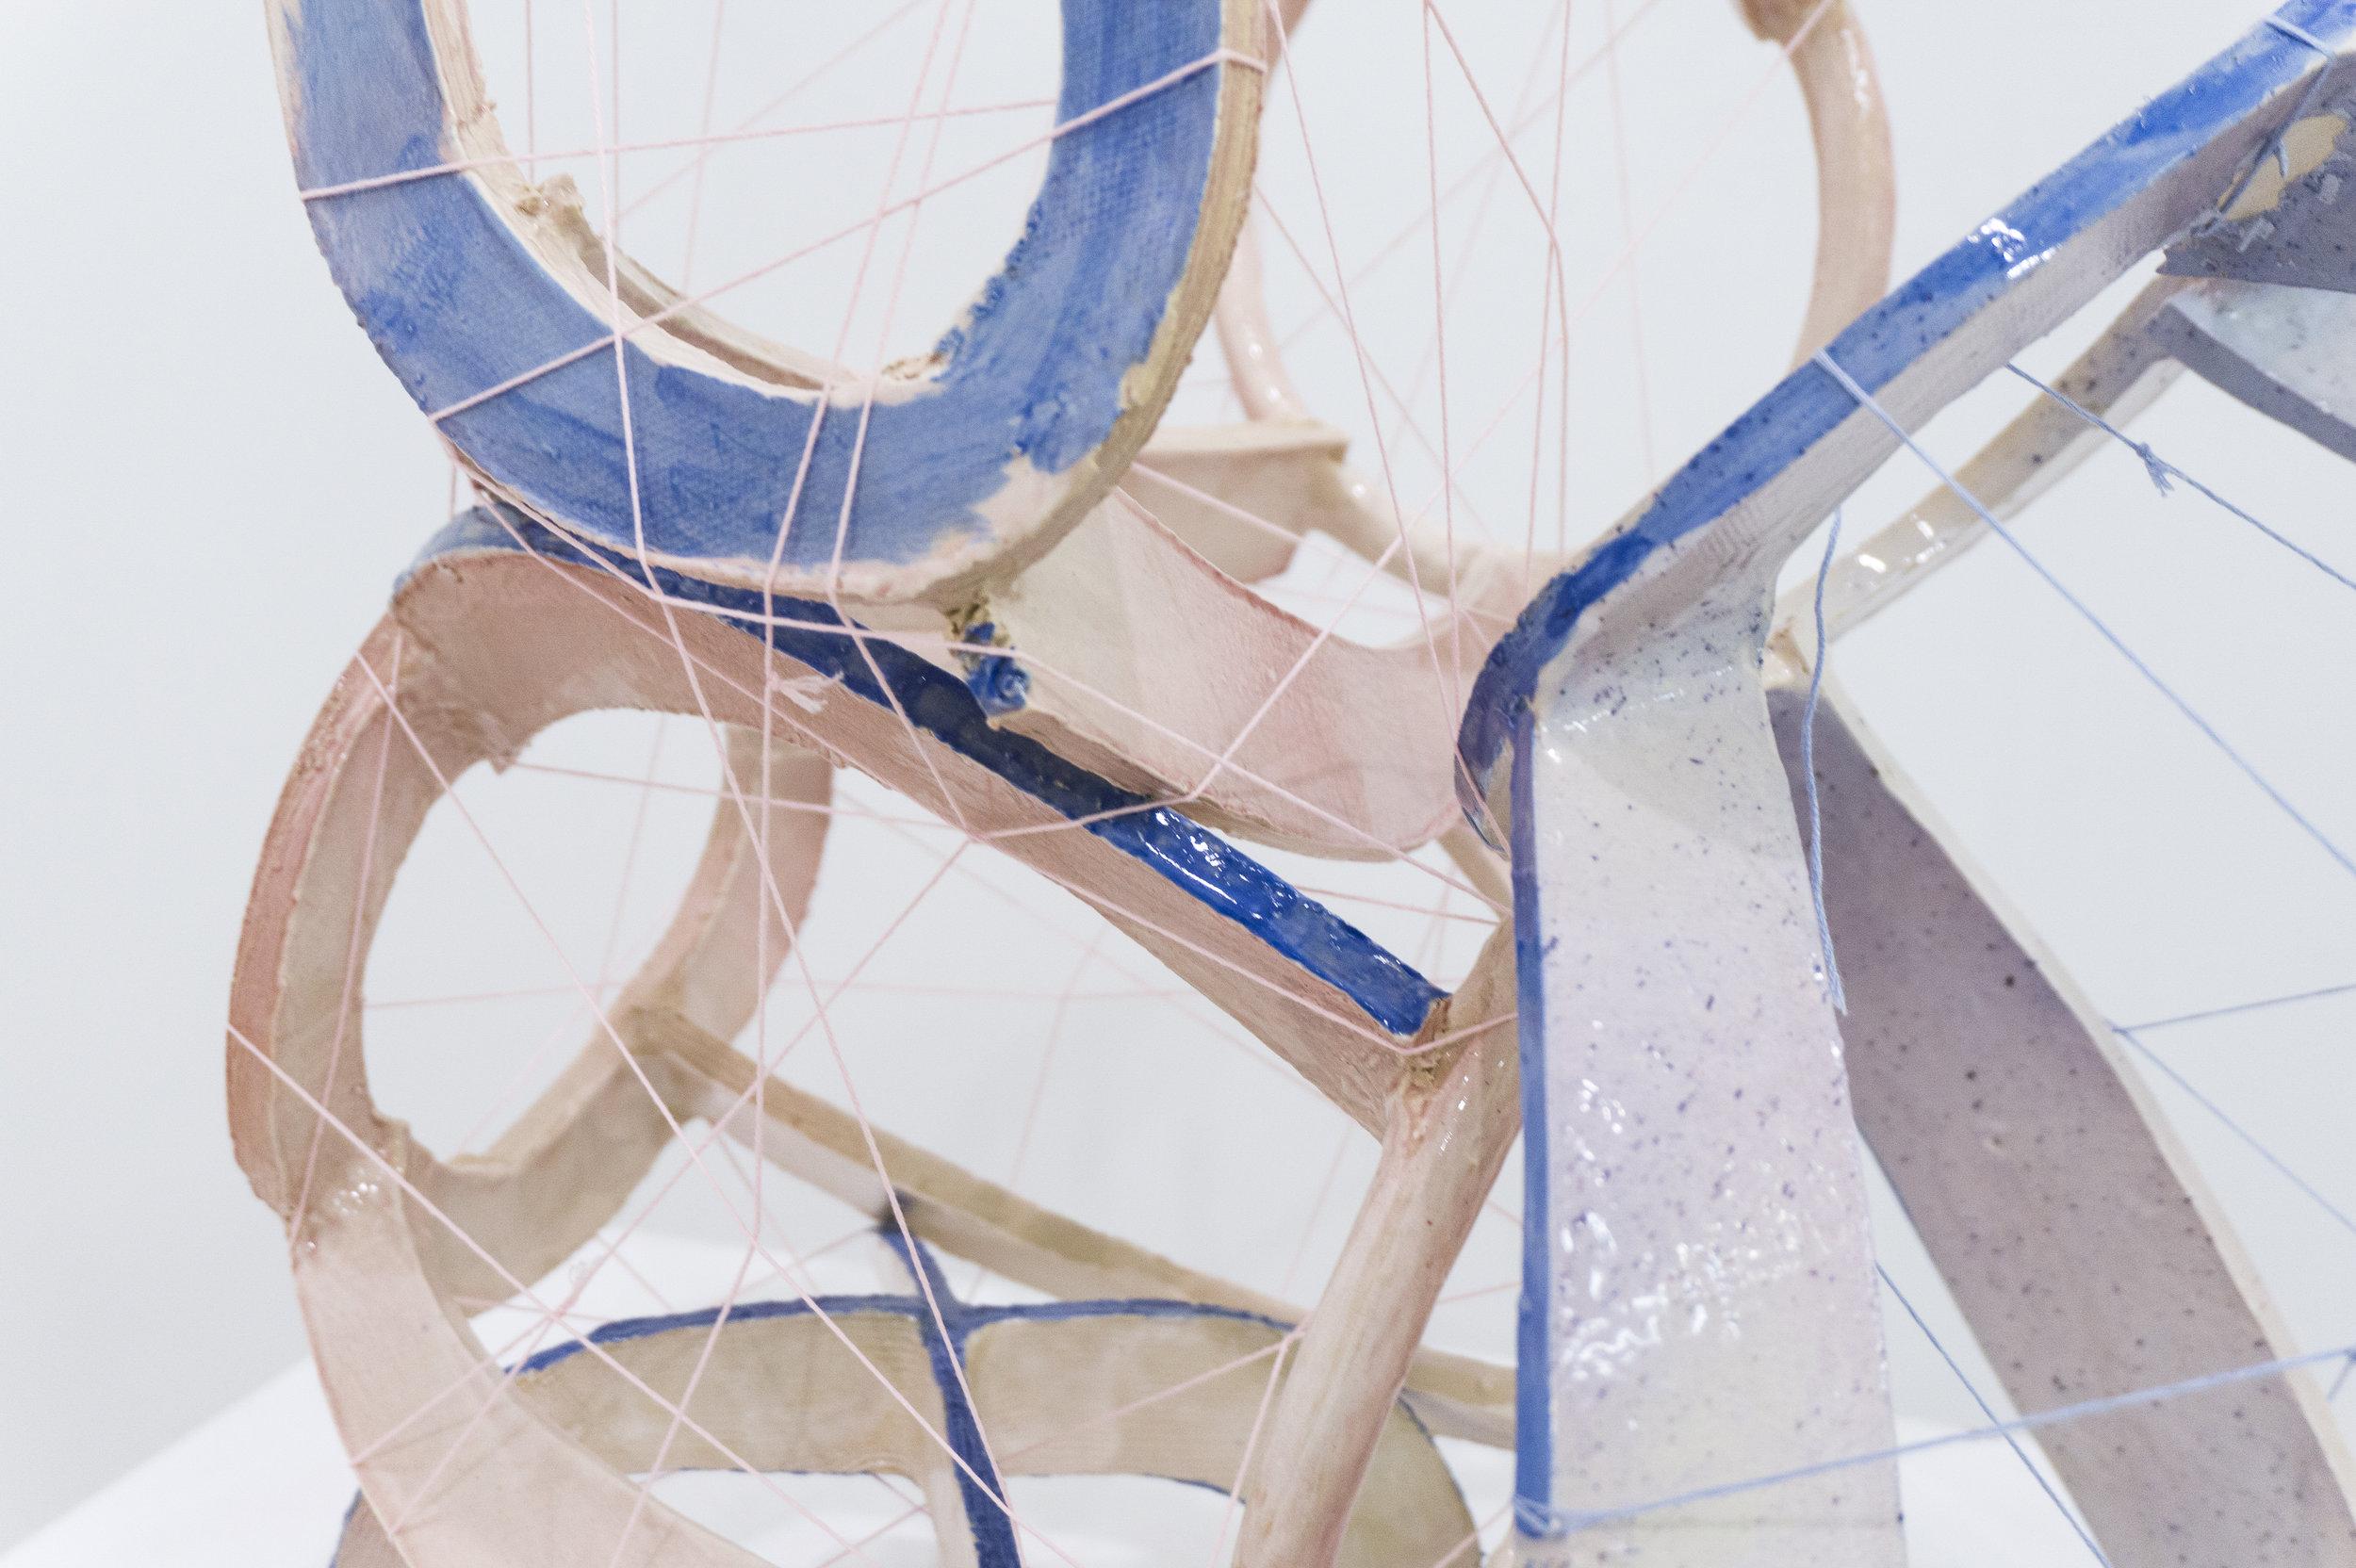 Sculpture_8_1_1.JPG